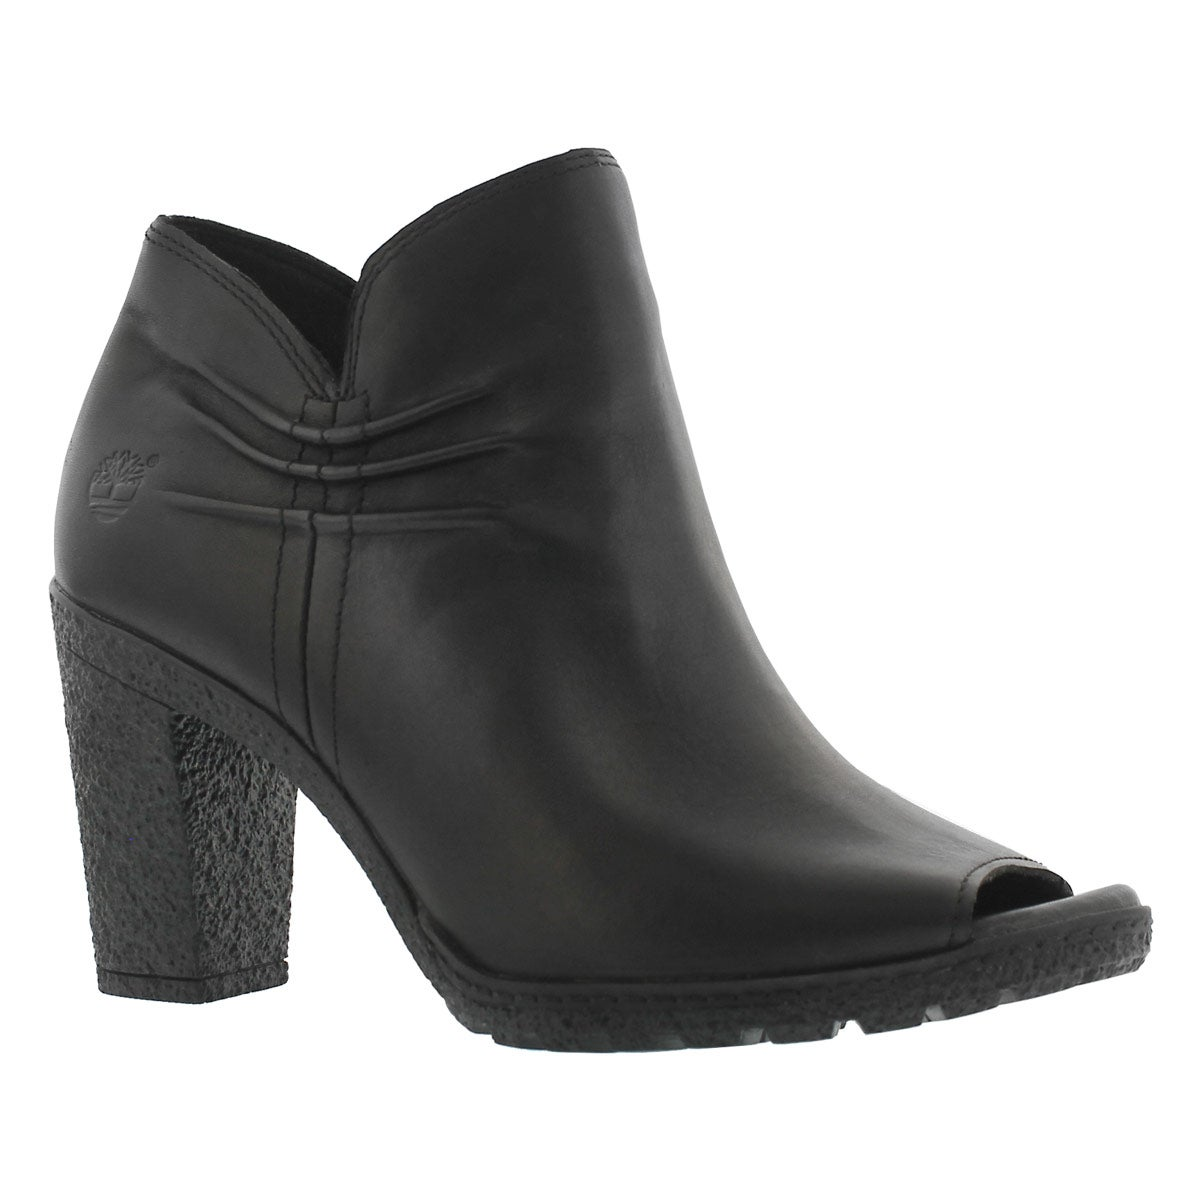 Women's GLANCY black peep toe dress boots